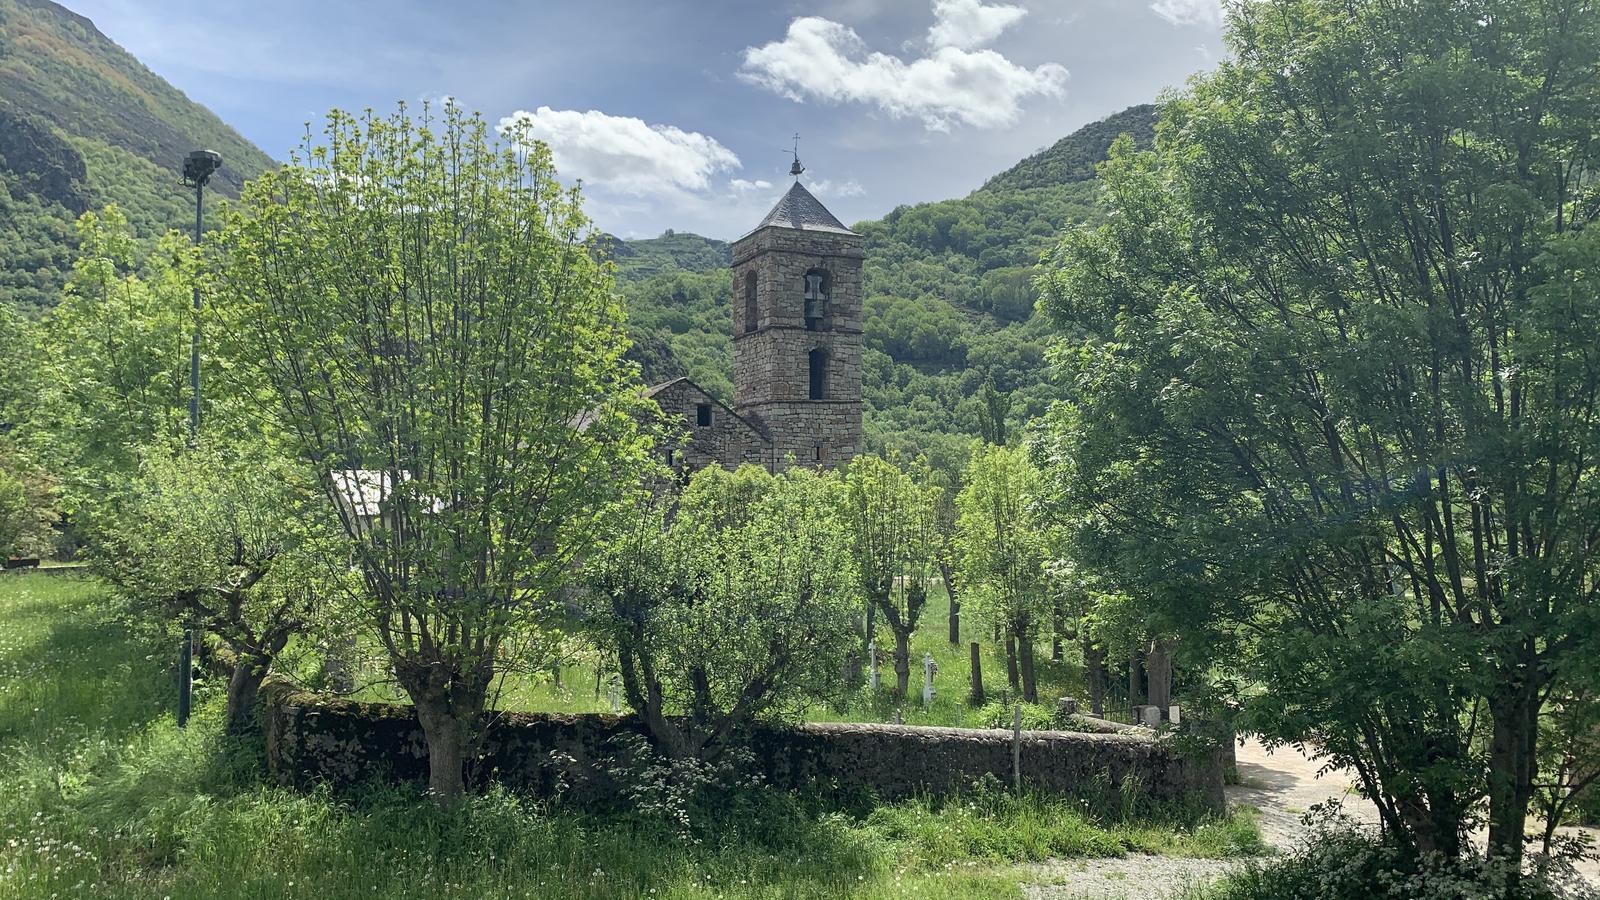 La Diputació de Lleida impulsarà campanyes per atreure turistes a l'Alt Pirineu i a Ponent